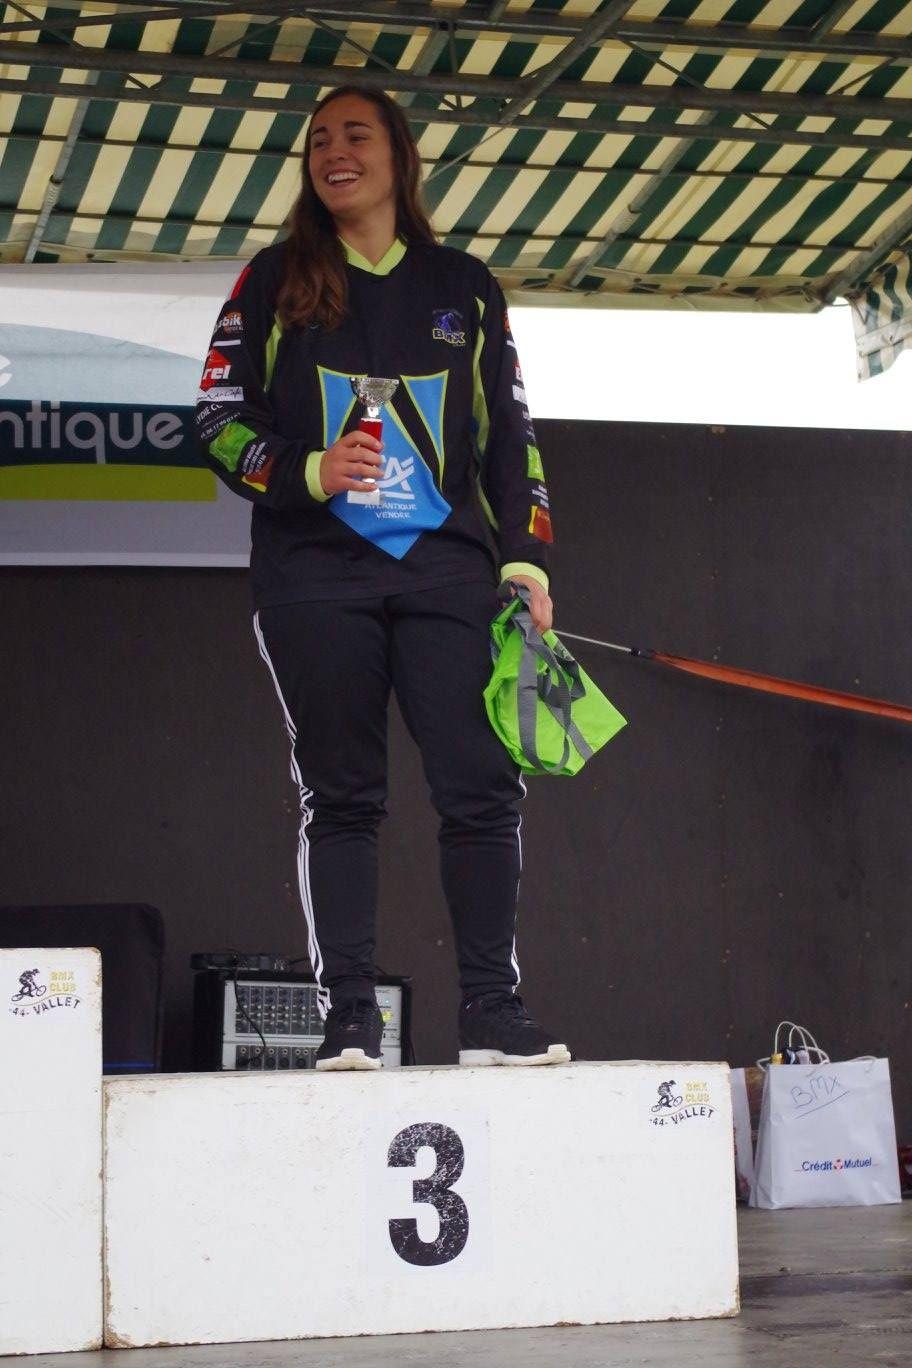 Dimanche 23 octobre, dernière course promotionnelle de la saison 2016 à Vallet